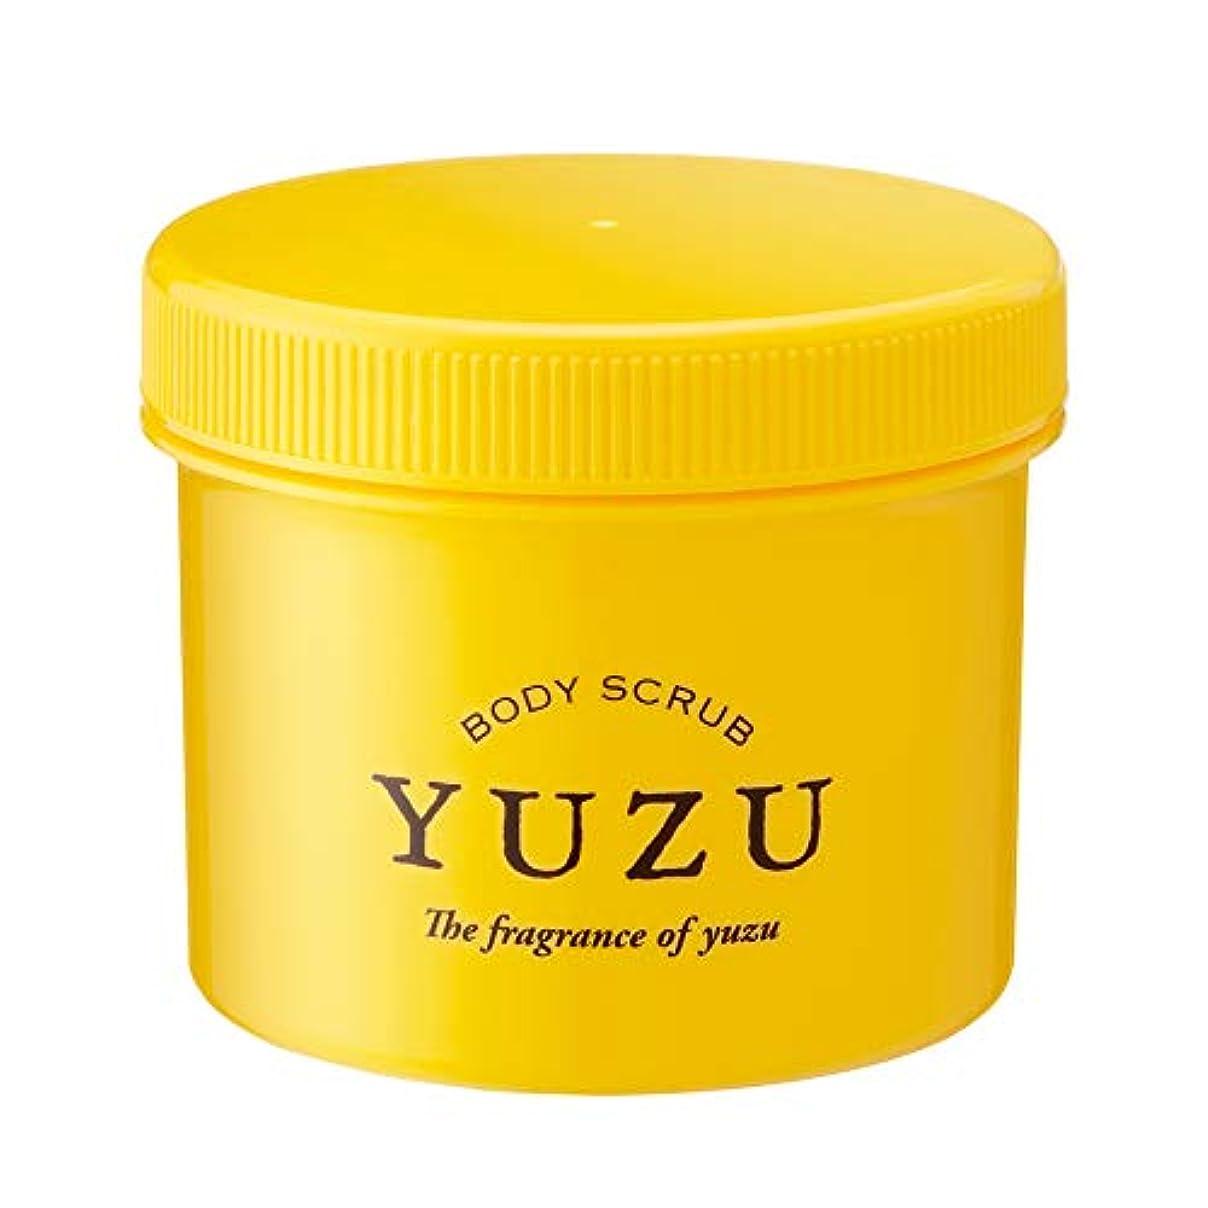 宝石スタジアム物理的な(美健)ビケン YUZU ボディマッサージスクラブ 高知県ゆず精油のみで香り付け